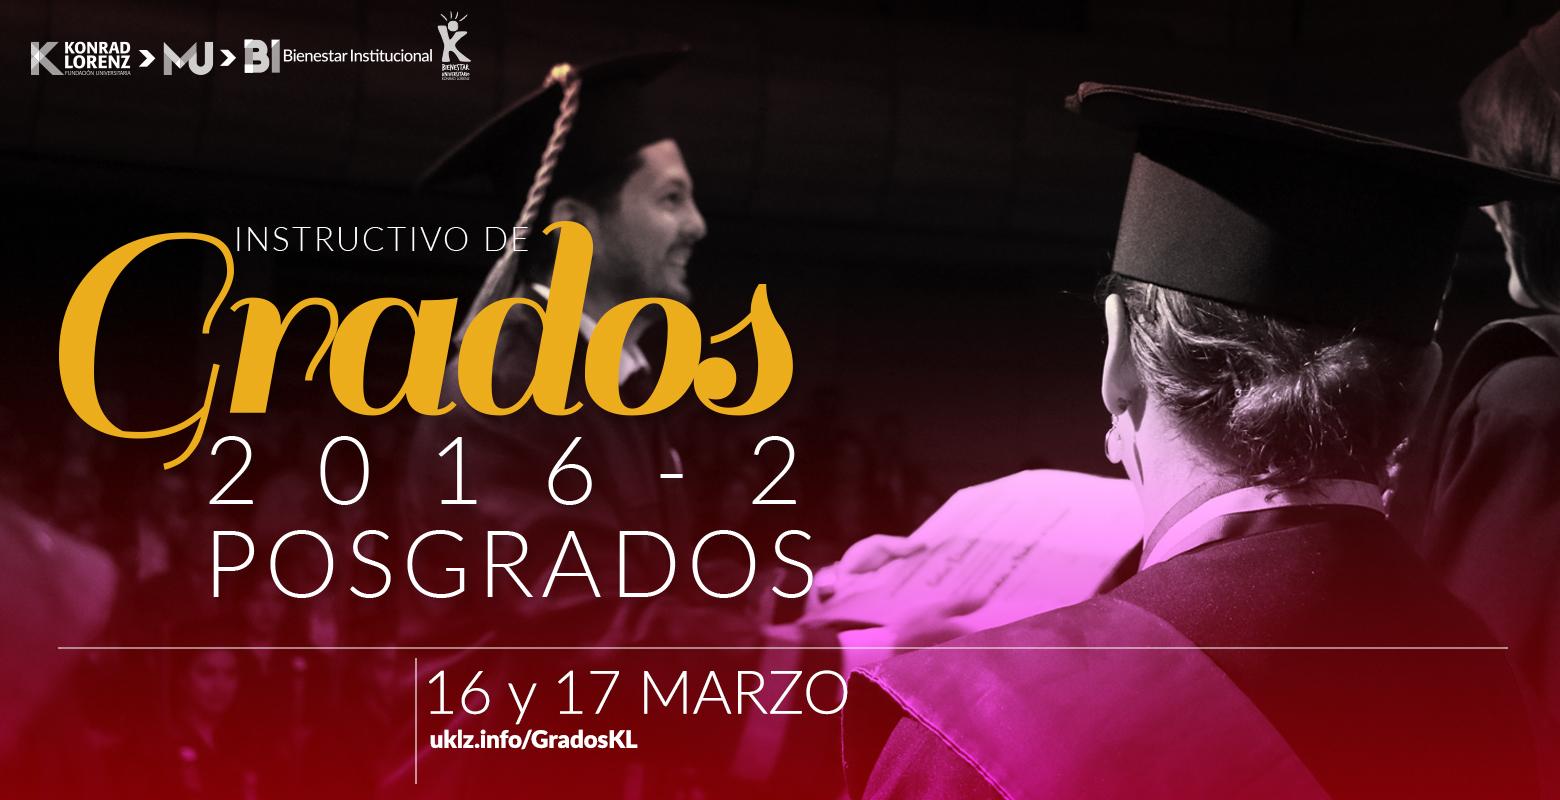 Instructivo de Grados para las Ceremonias de marzo 2017 (Programas de Posgrado)